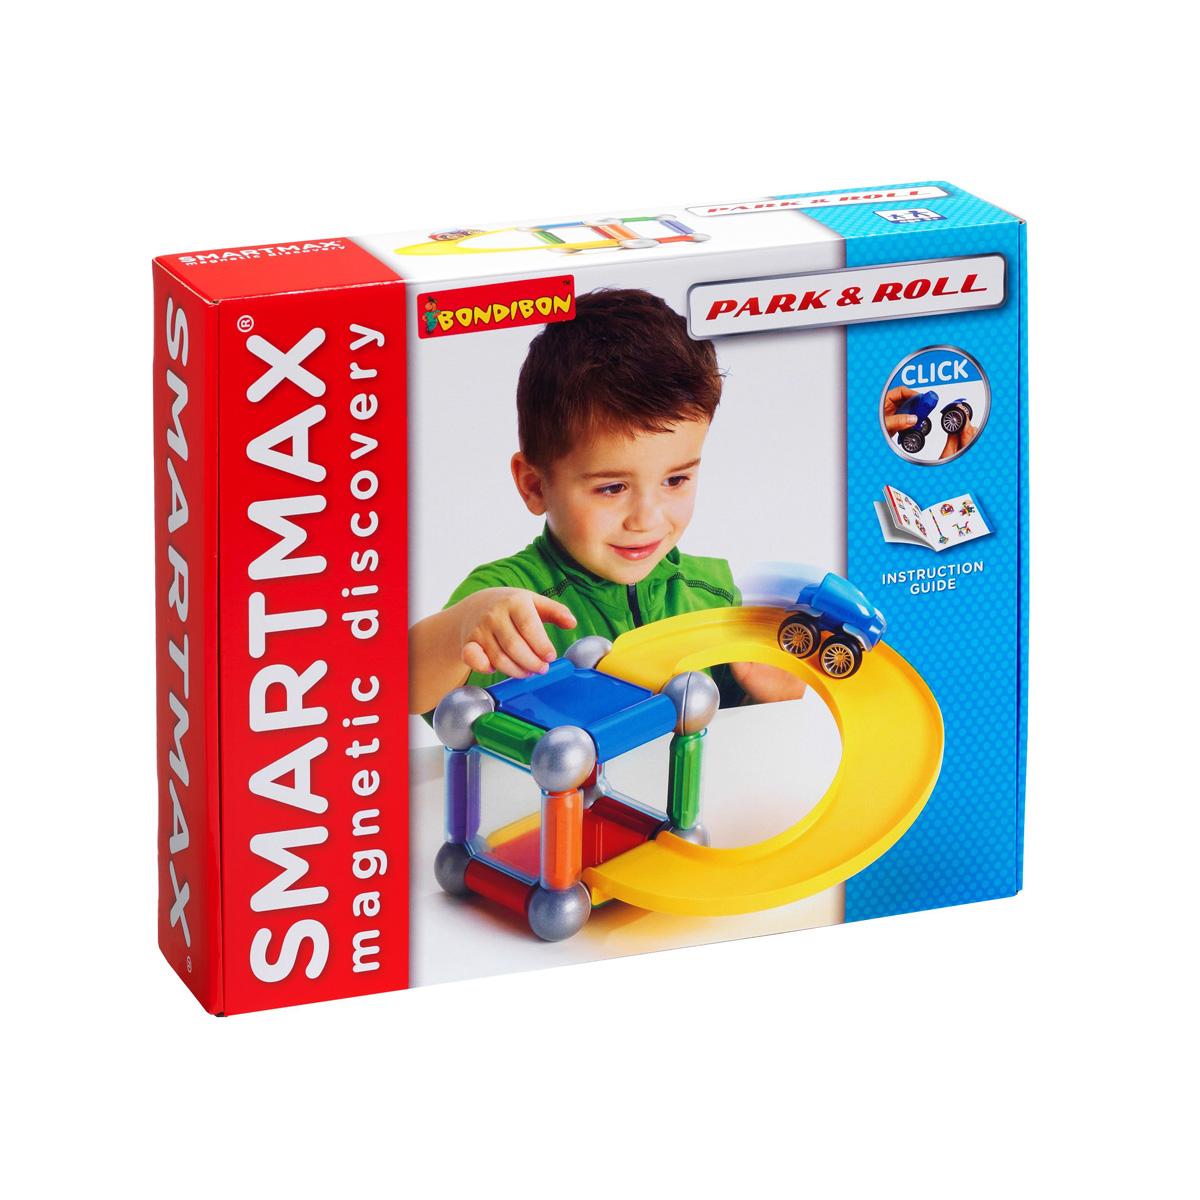 Bondibon Smartmax Конструктор магнитный Специальный набор ПаркингВВ0908Ваш ребенок очень активно проявляет воображение? Направить в нужное русло такой дар поможет наш магнитный конструктор SmartMax. Невероятное притяжение внимания и сосредоточенность в процессе изучения физических свойств магнитиков – это настолько приятное зрелище для родителей, что отказаться от такой игры просто невозможно! Малыши и дети постарше найдут применение всем деталям конструктора, каждый – свое, конечно, но обязательно это будет увлекательный и долгий процесс. Магнитный конструктор SMARTMAX Специальный набор: Паркинг непременно придется по душе Вашему ребенку и займет его внимание надолго. Крупные детали, яркие цвета и простота соединения внесут шикарное разнообразие в досуг малышей и помогут им развиваться. Прояви фантазию и построй свой собственный многоуровневый паркинг! Из деталей набора можно собрать всевозможные конструкции, а с помощью дополнительных плит укрепить их, построив стены, уровни, дороги! Игра с конструктором поможет ребенку научиться...